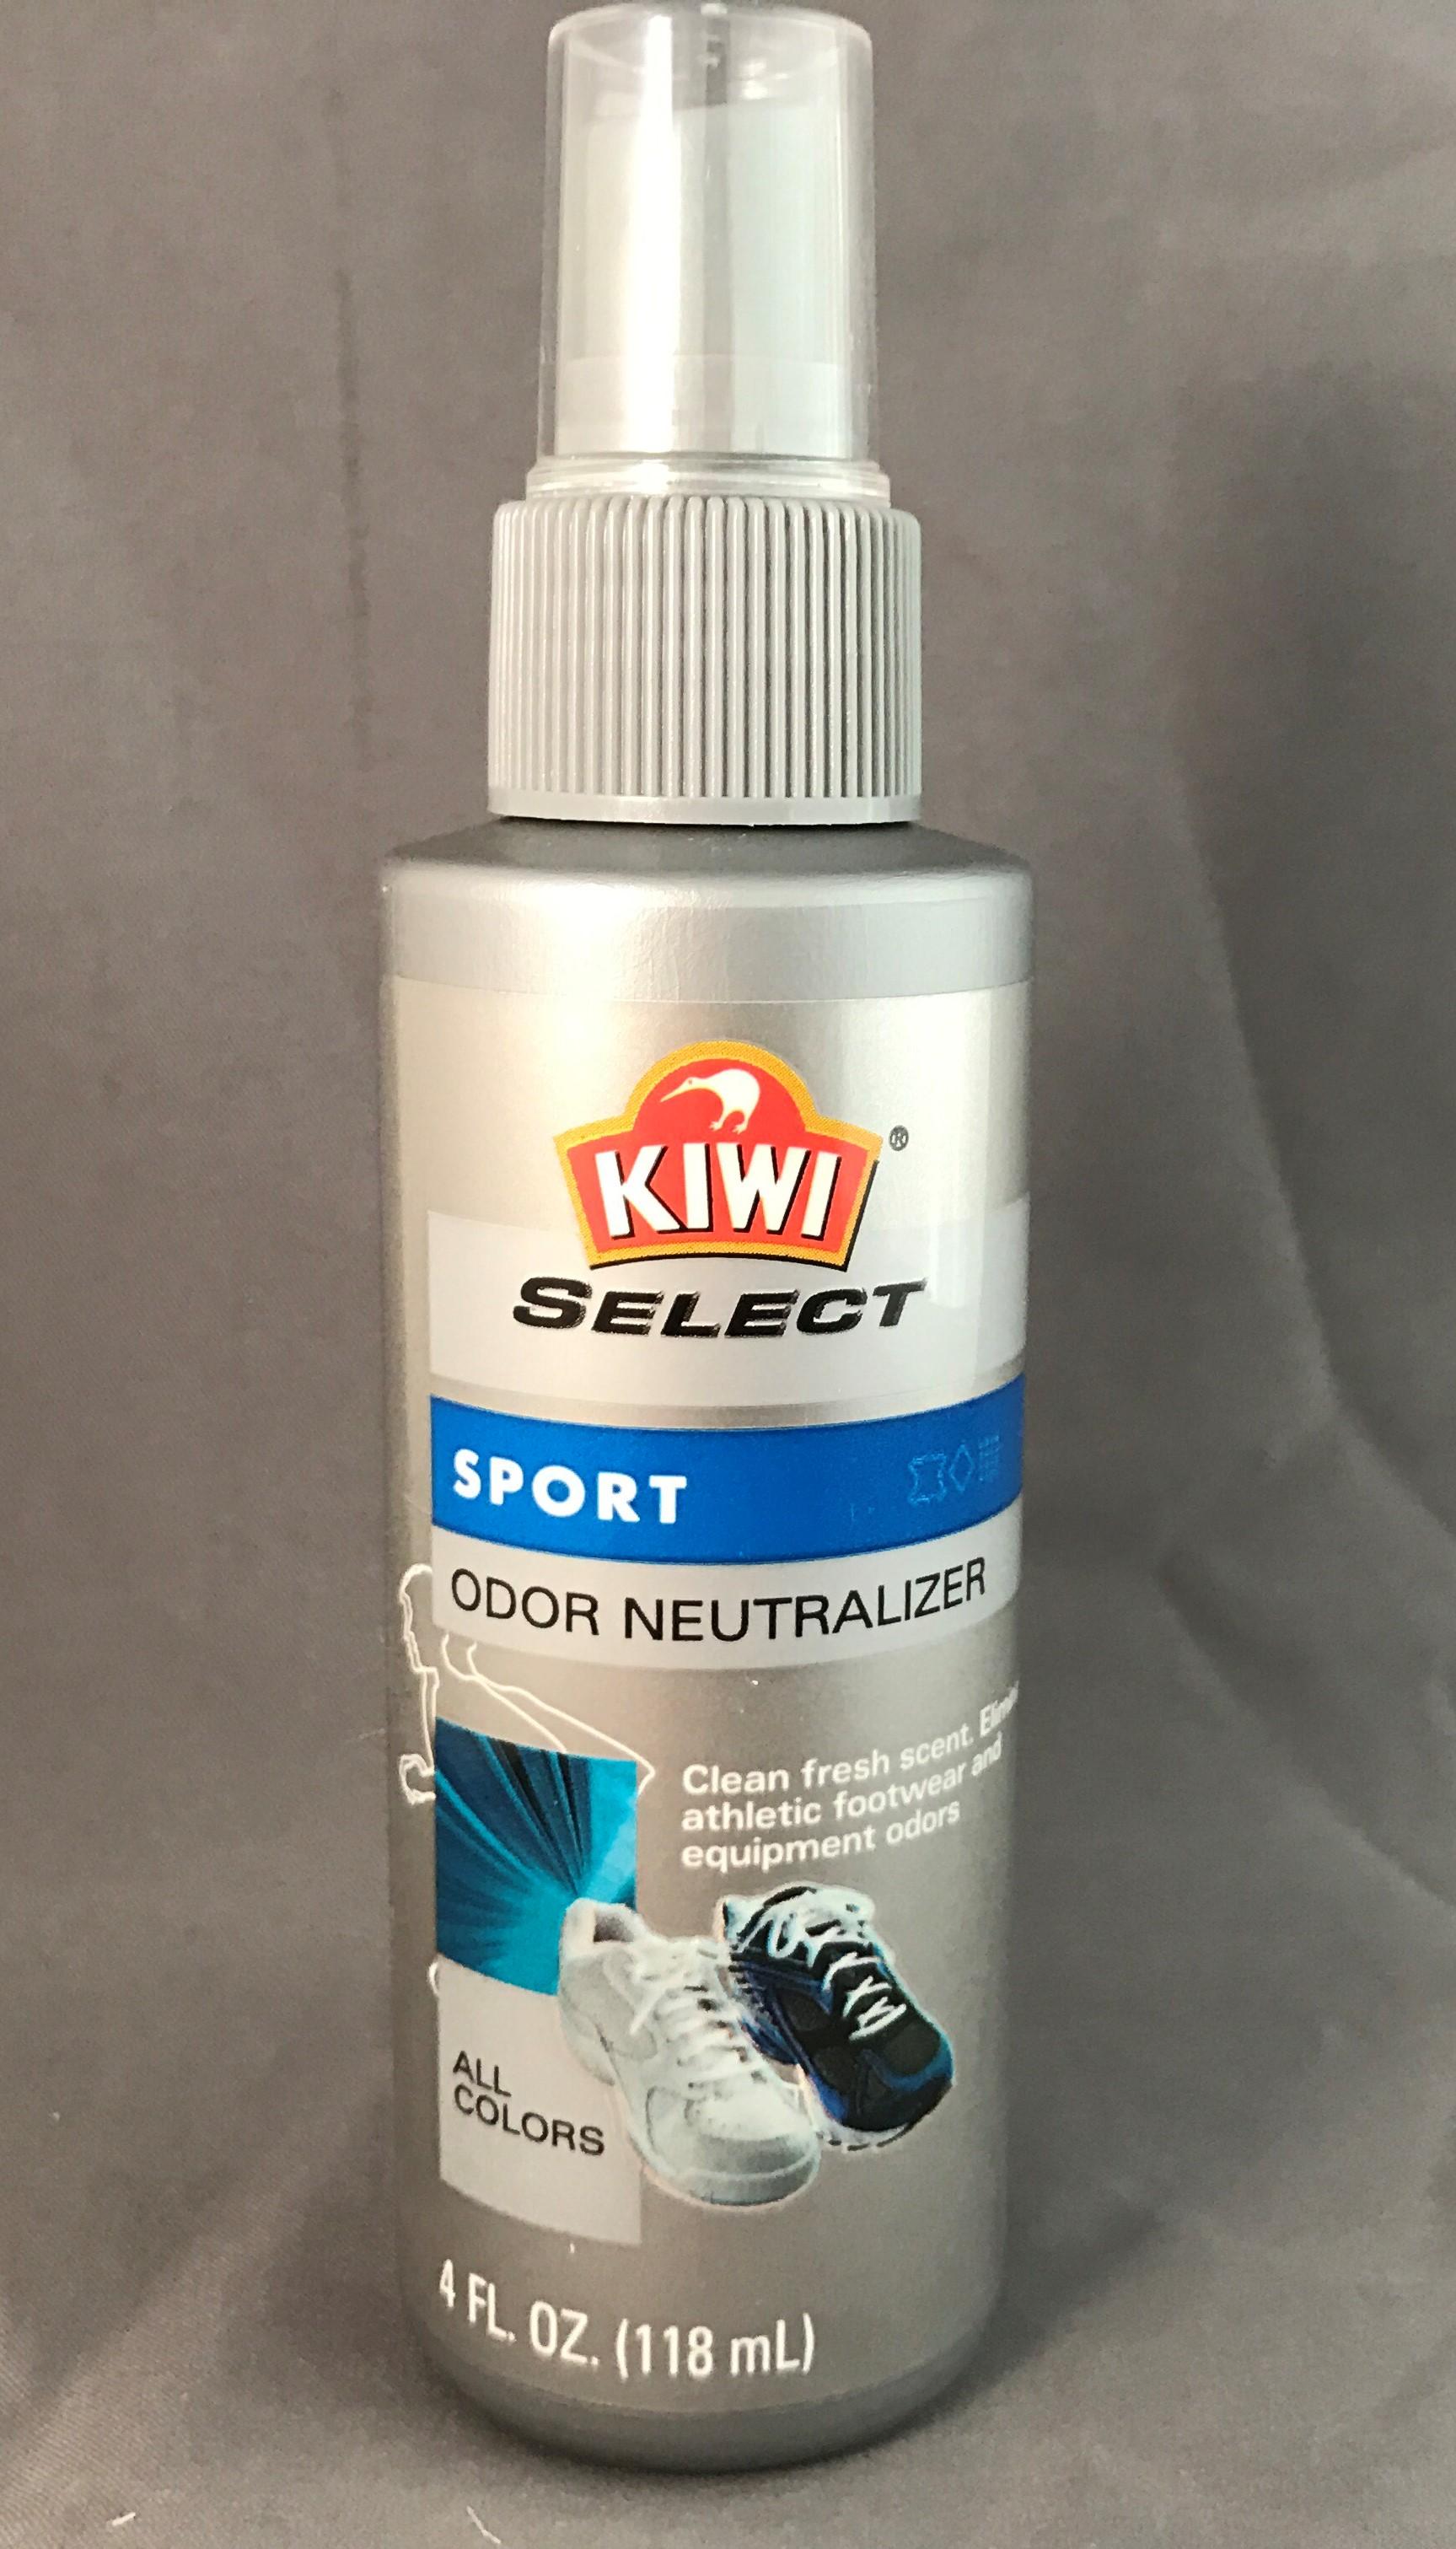 Kiwi Sport Odor Neutralizer